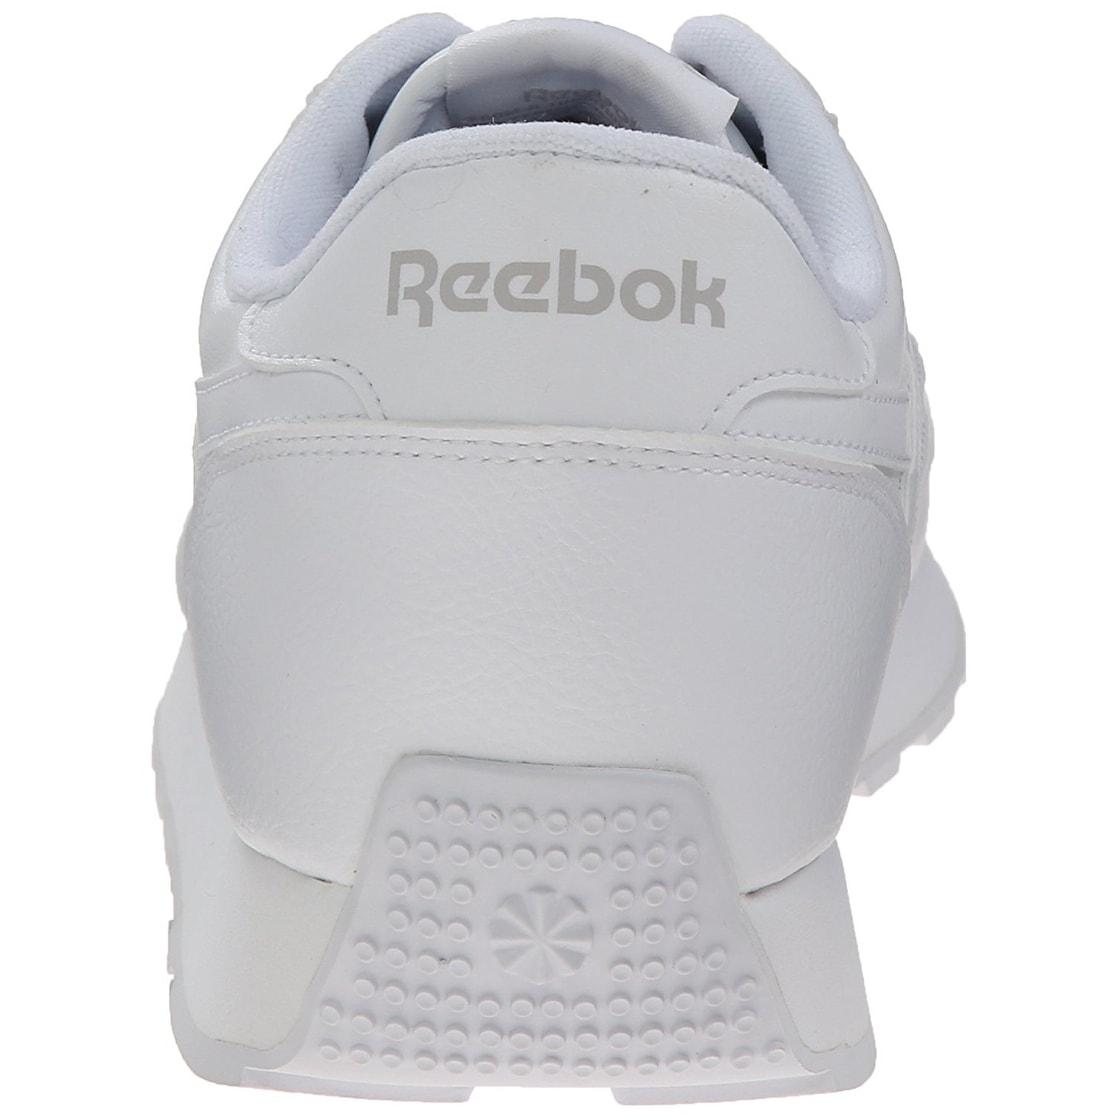 9810ce4b688161 Shop Reebok Men s Classic Renaissance Fashion Sneaker